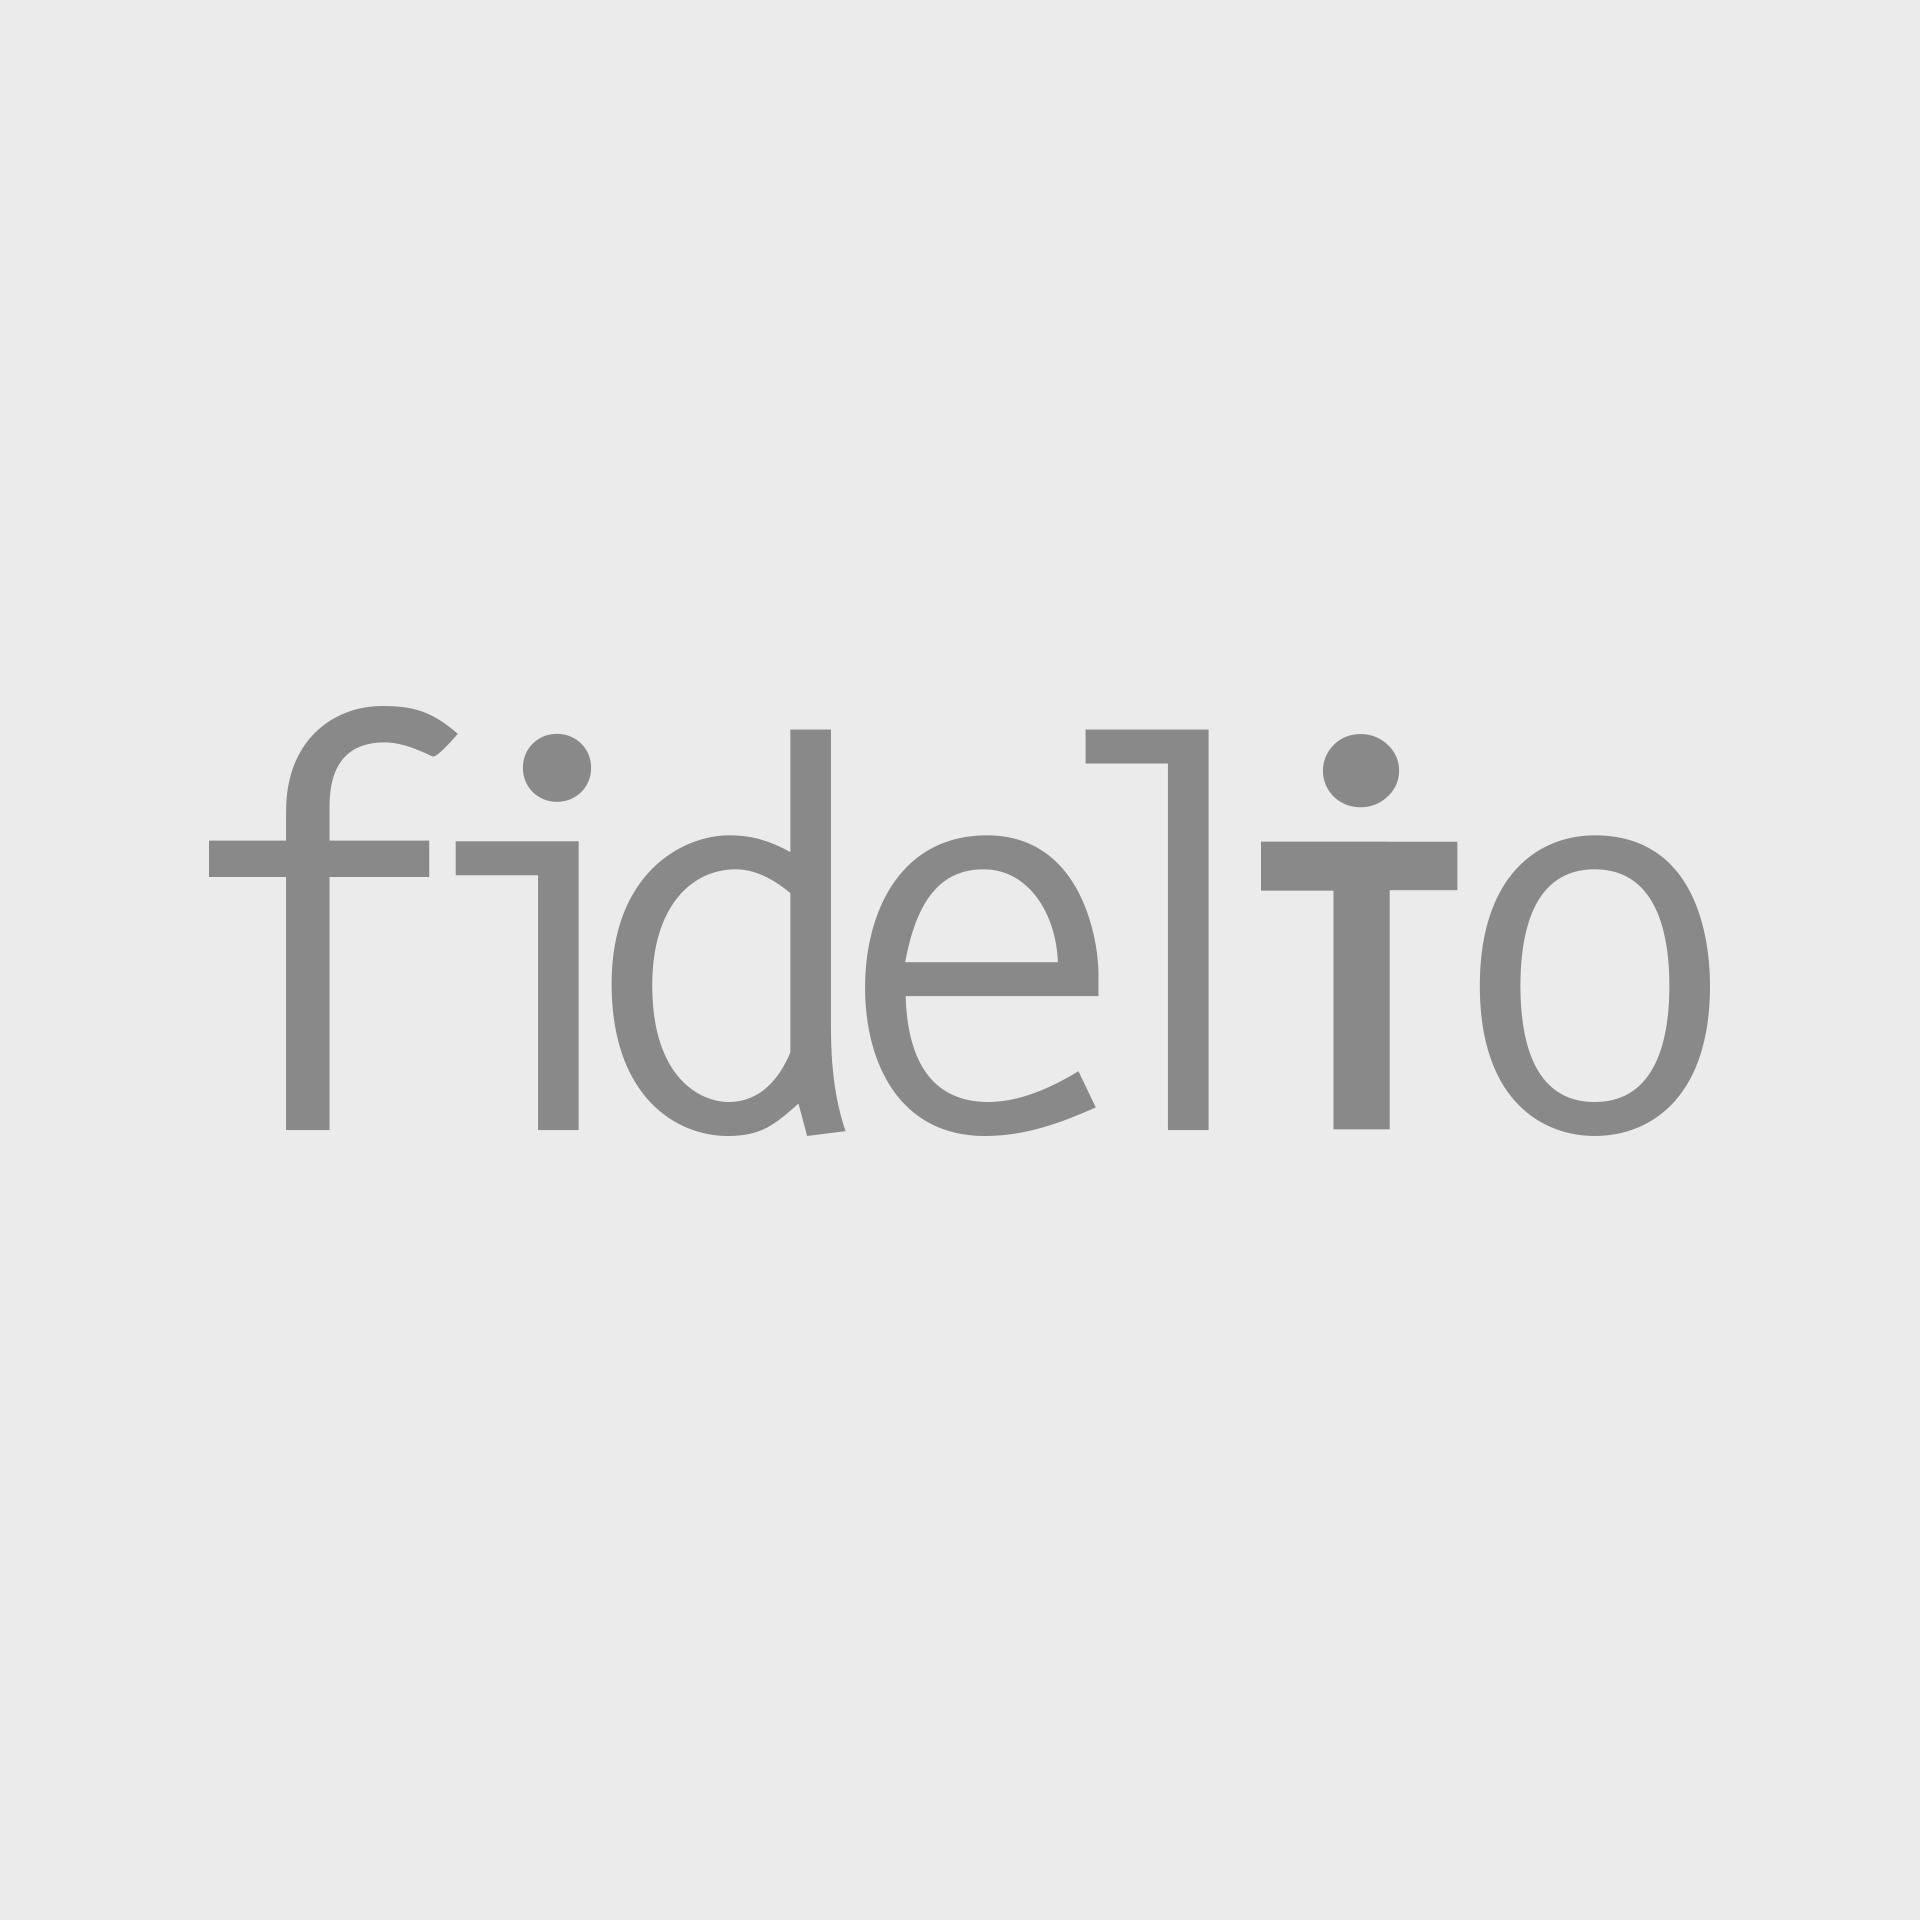 Az 1936-os Bartók-féle Kékszakállú alkotói és szereplői: Bartók Béla, Némethy Ella (szoprán), Sergio Failoni (karmester), Nádasdy Kálmán (rendező), Székely Mihály (basszus) és Oláh Gusztáv (díszlet)